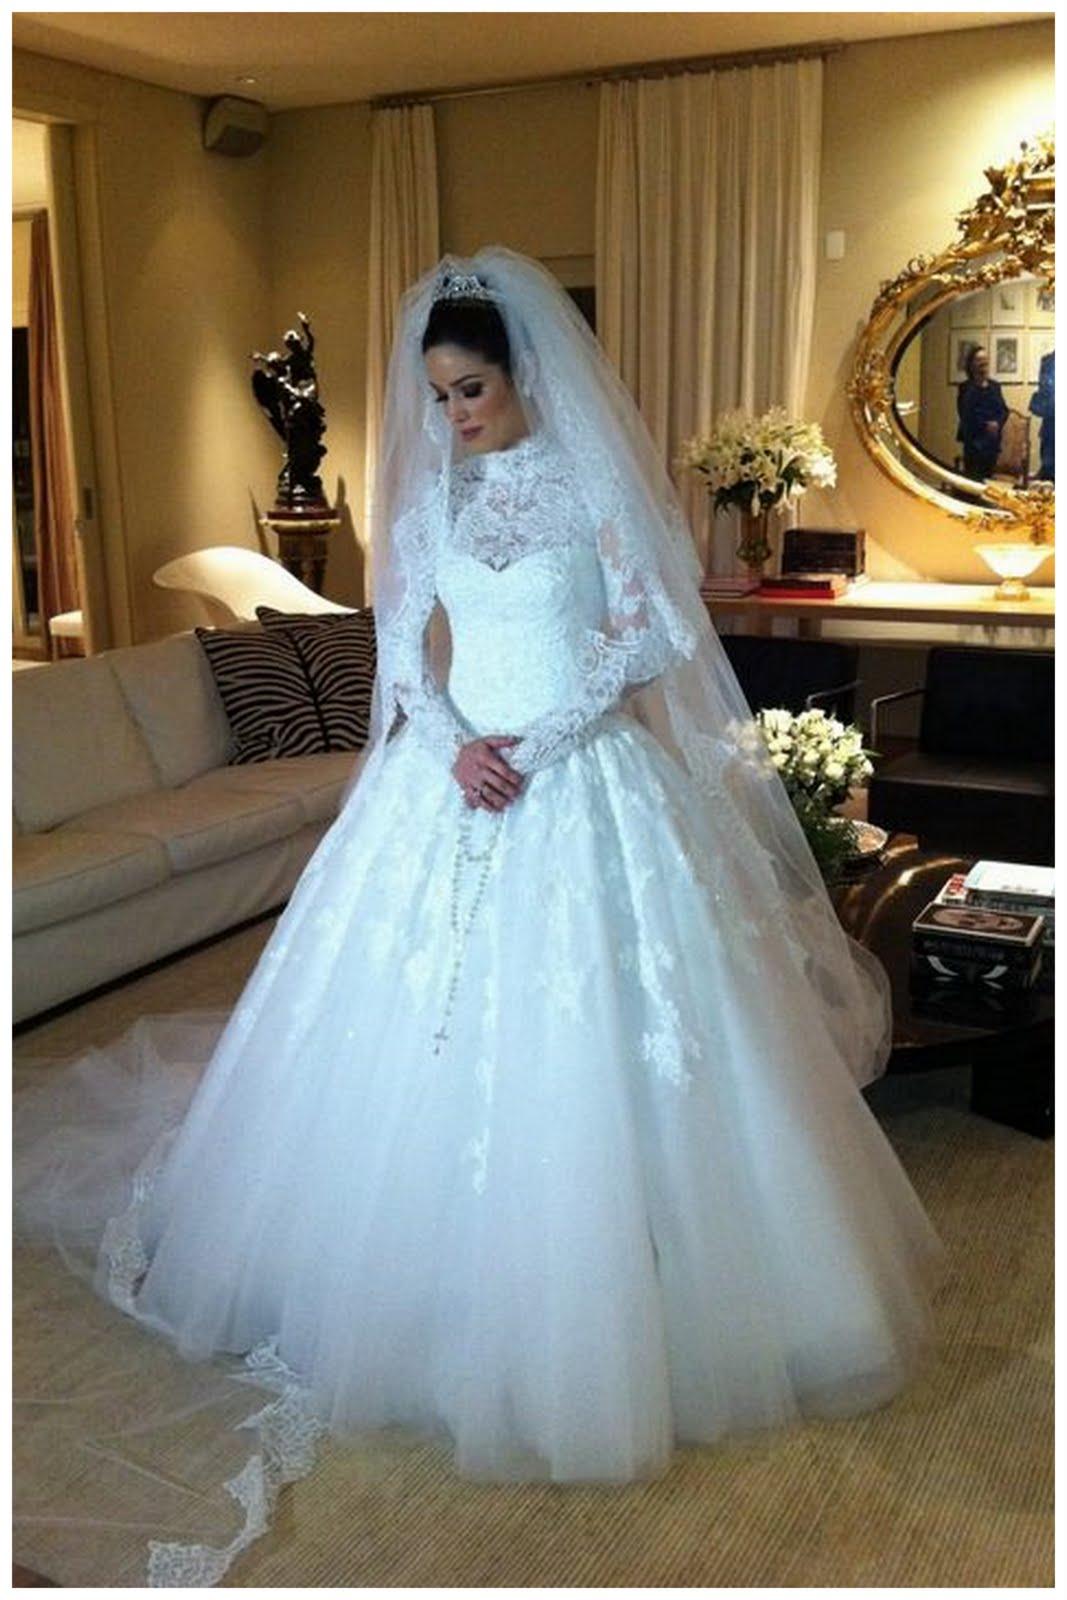 Vestido-casamento-Lala-Rudge-2012-Sandro-Barros-Blog-da-Lari-Duarte-.com-polêmico-noiva-Tamara-Rudge-Gontijo-Fernanda-Rolim